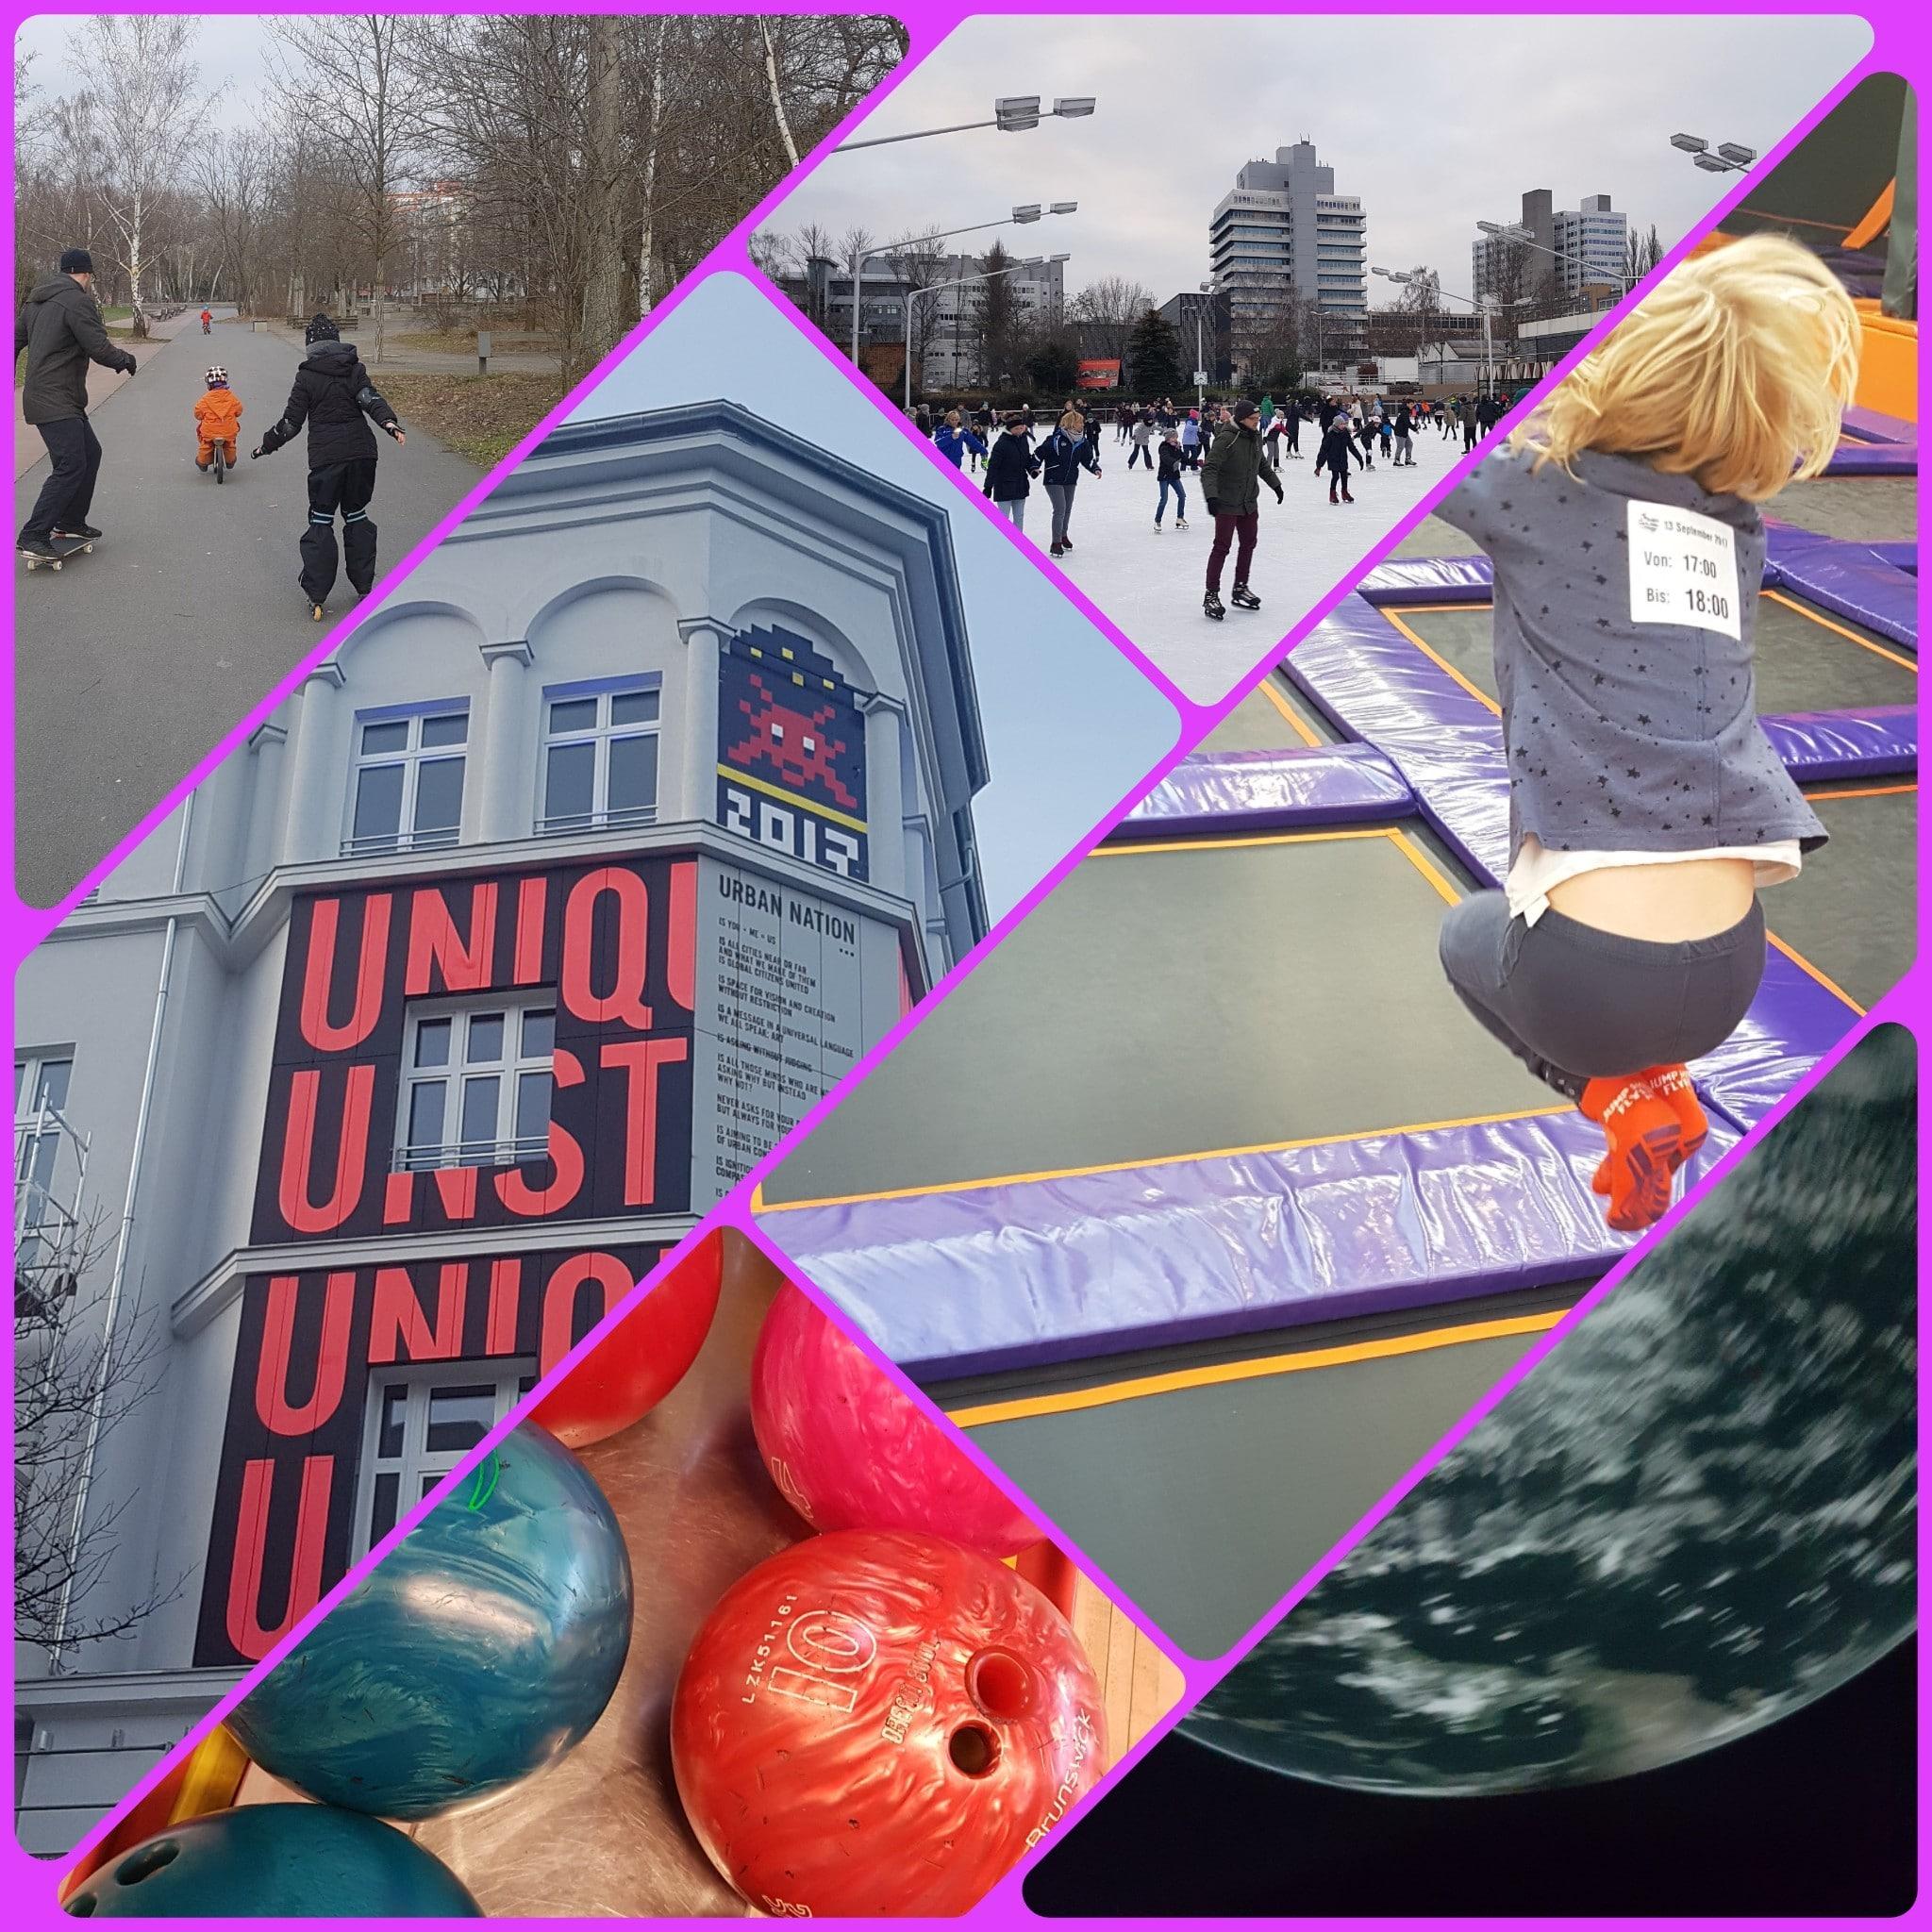 die besten Tipps Ausflug Berlin Winterferien Kinder